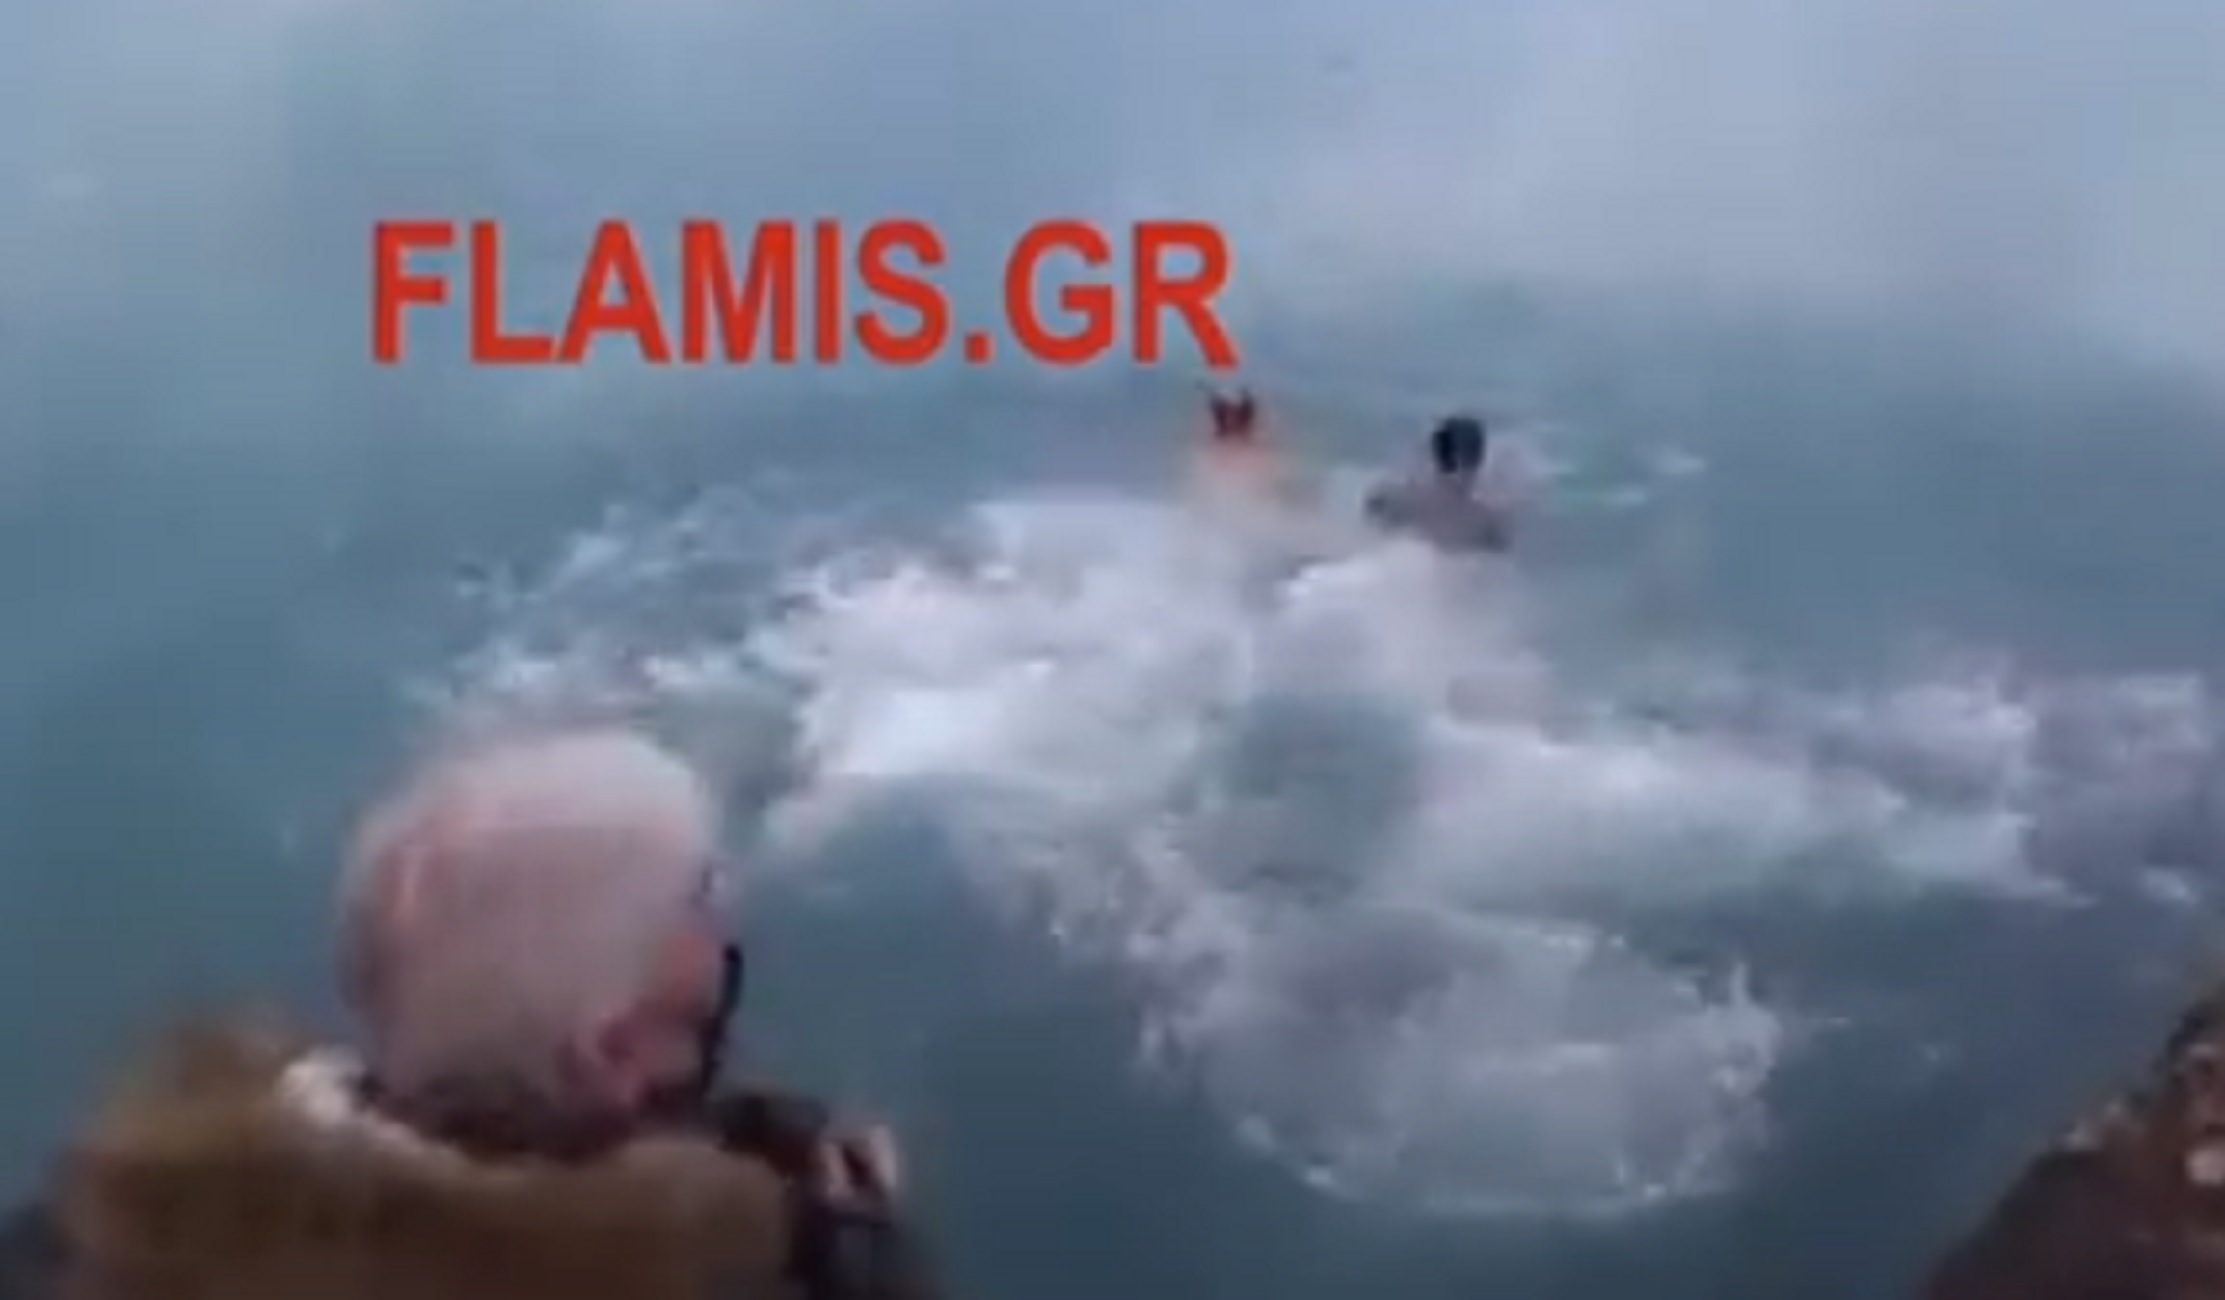 Αίγιο: Θεοφάνεια από τα παλιά – Πρόστιμο στον μητροπολίτη και στους πιστούς που έπεσαν στη θάλασσα για τον σταυρό (video)